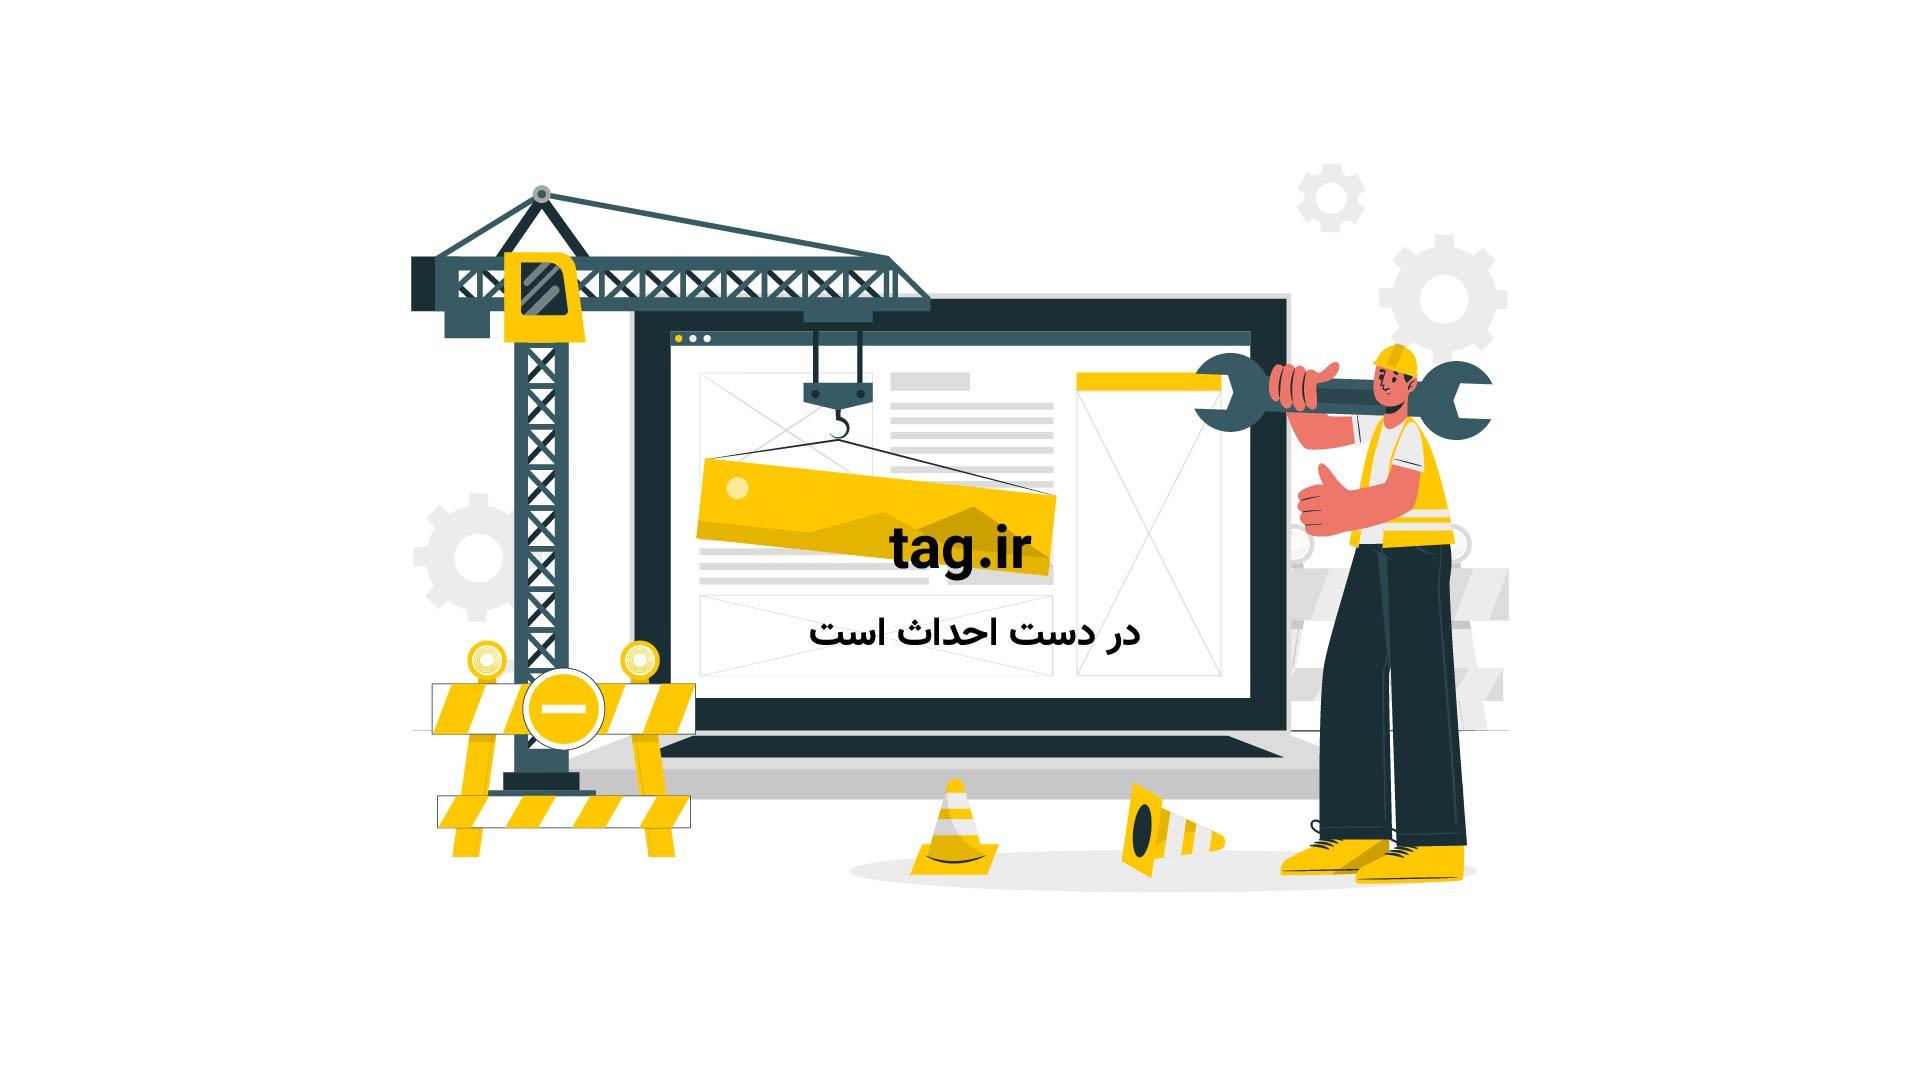 رود شور کرمان | تگ